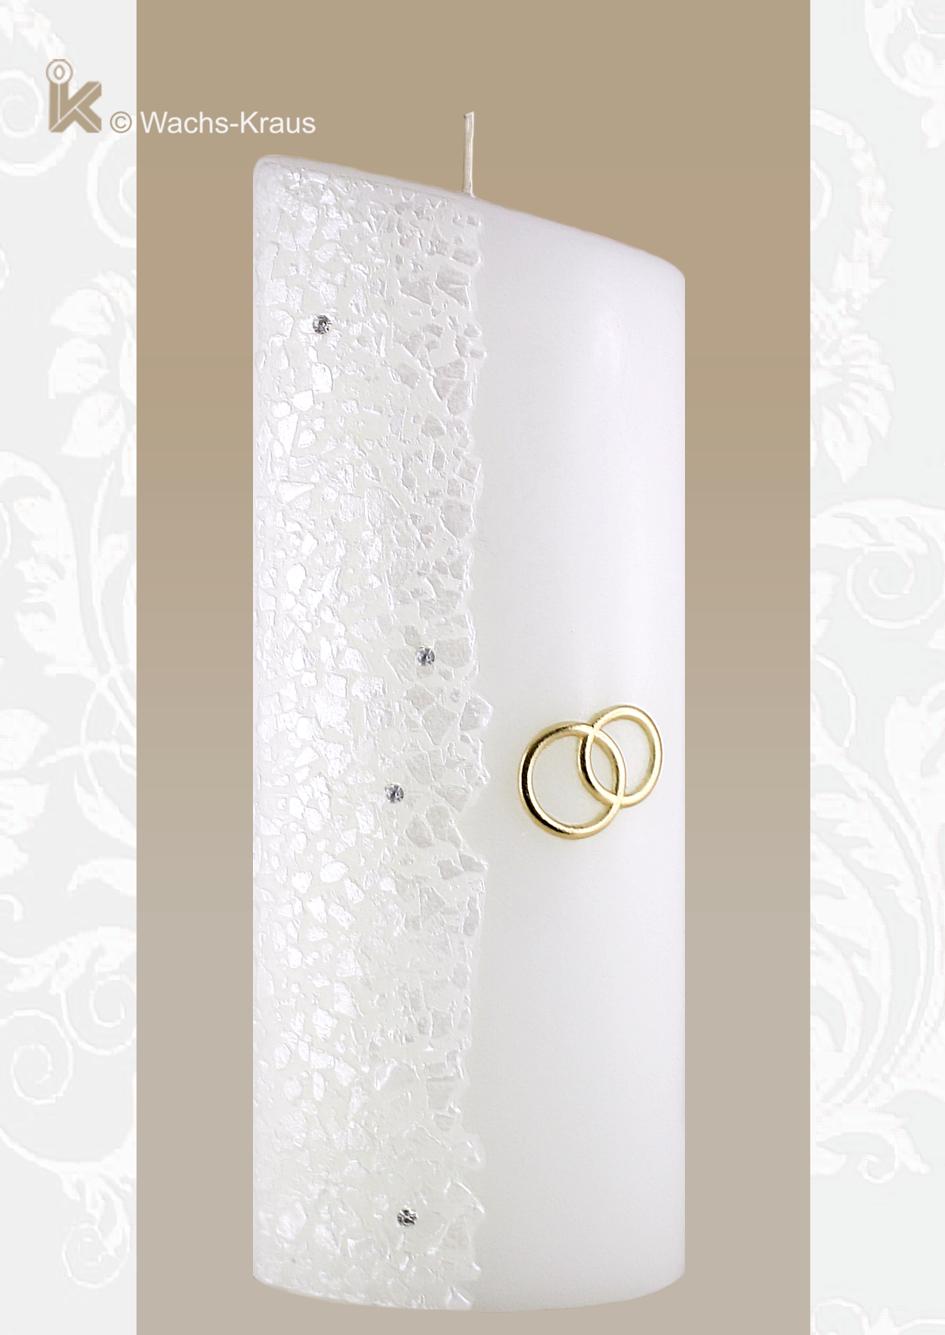 Eine moderne Hochzeitskerze sowohl in ihrer Ellipsen-Form mit dem abgeschrägten Kerzen-Kopf als auch in ihrem dezenten Designe und goldenen Eheringen.